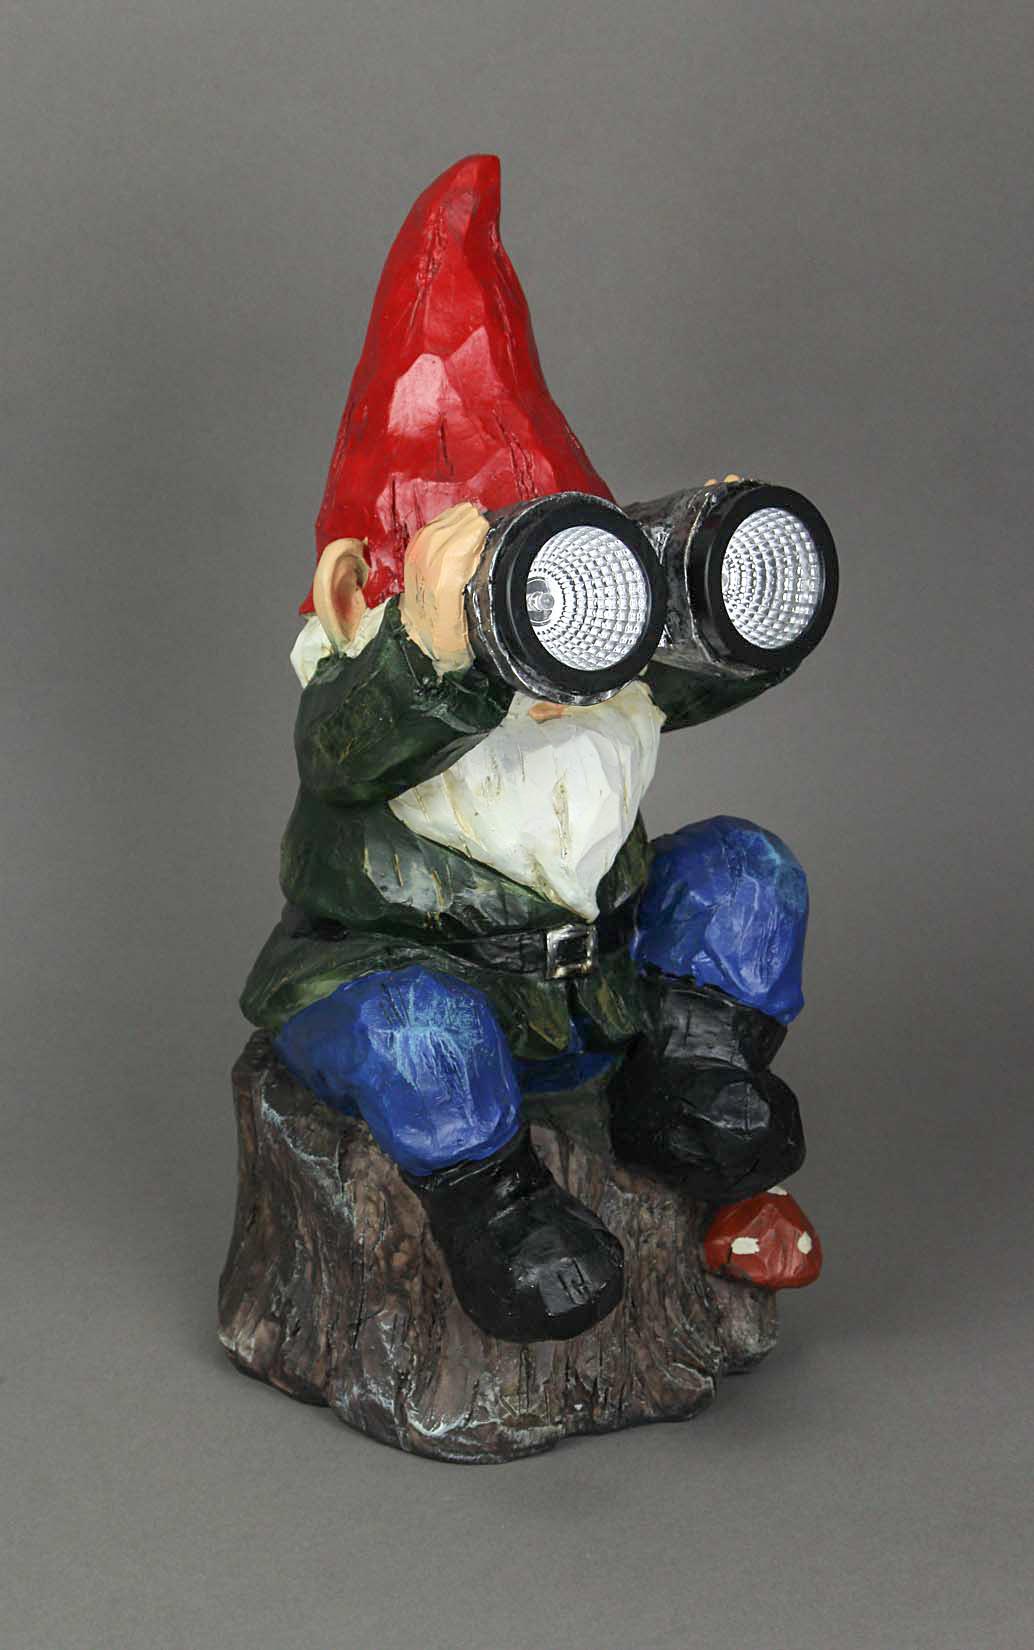 thumbnail 6 - Forest-Bird-Watcher-Garden-Gnome-Solar-Eyes-Solar-LED-Accent-Light-Sculpture